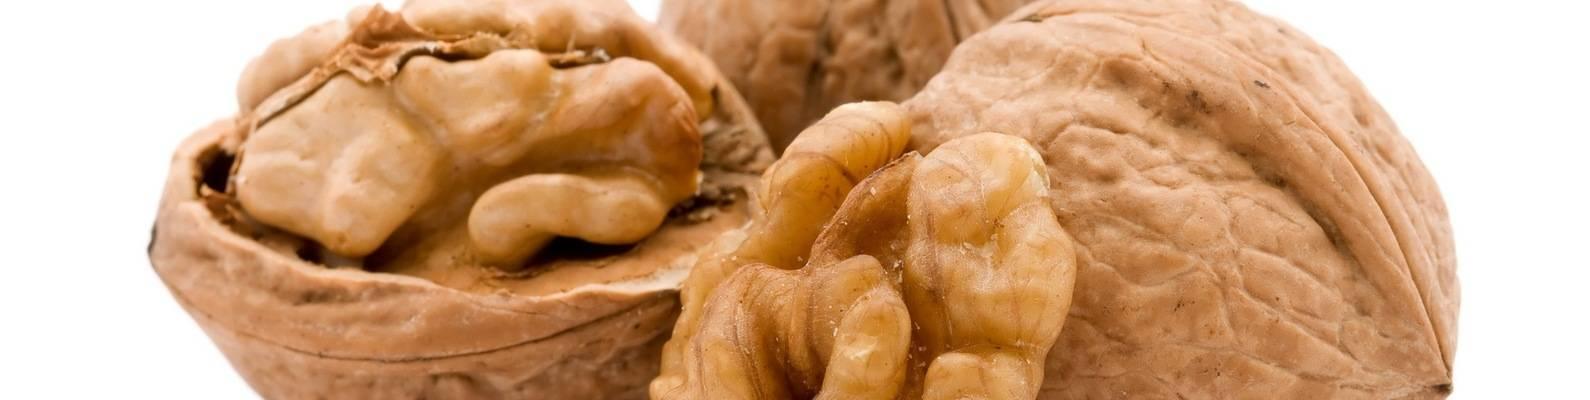 Грецкие орехи при беременности и грудном вскармливании